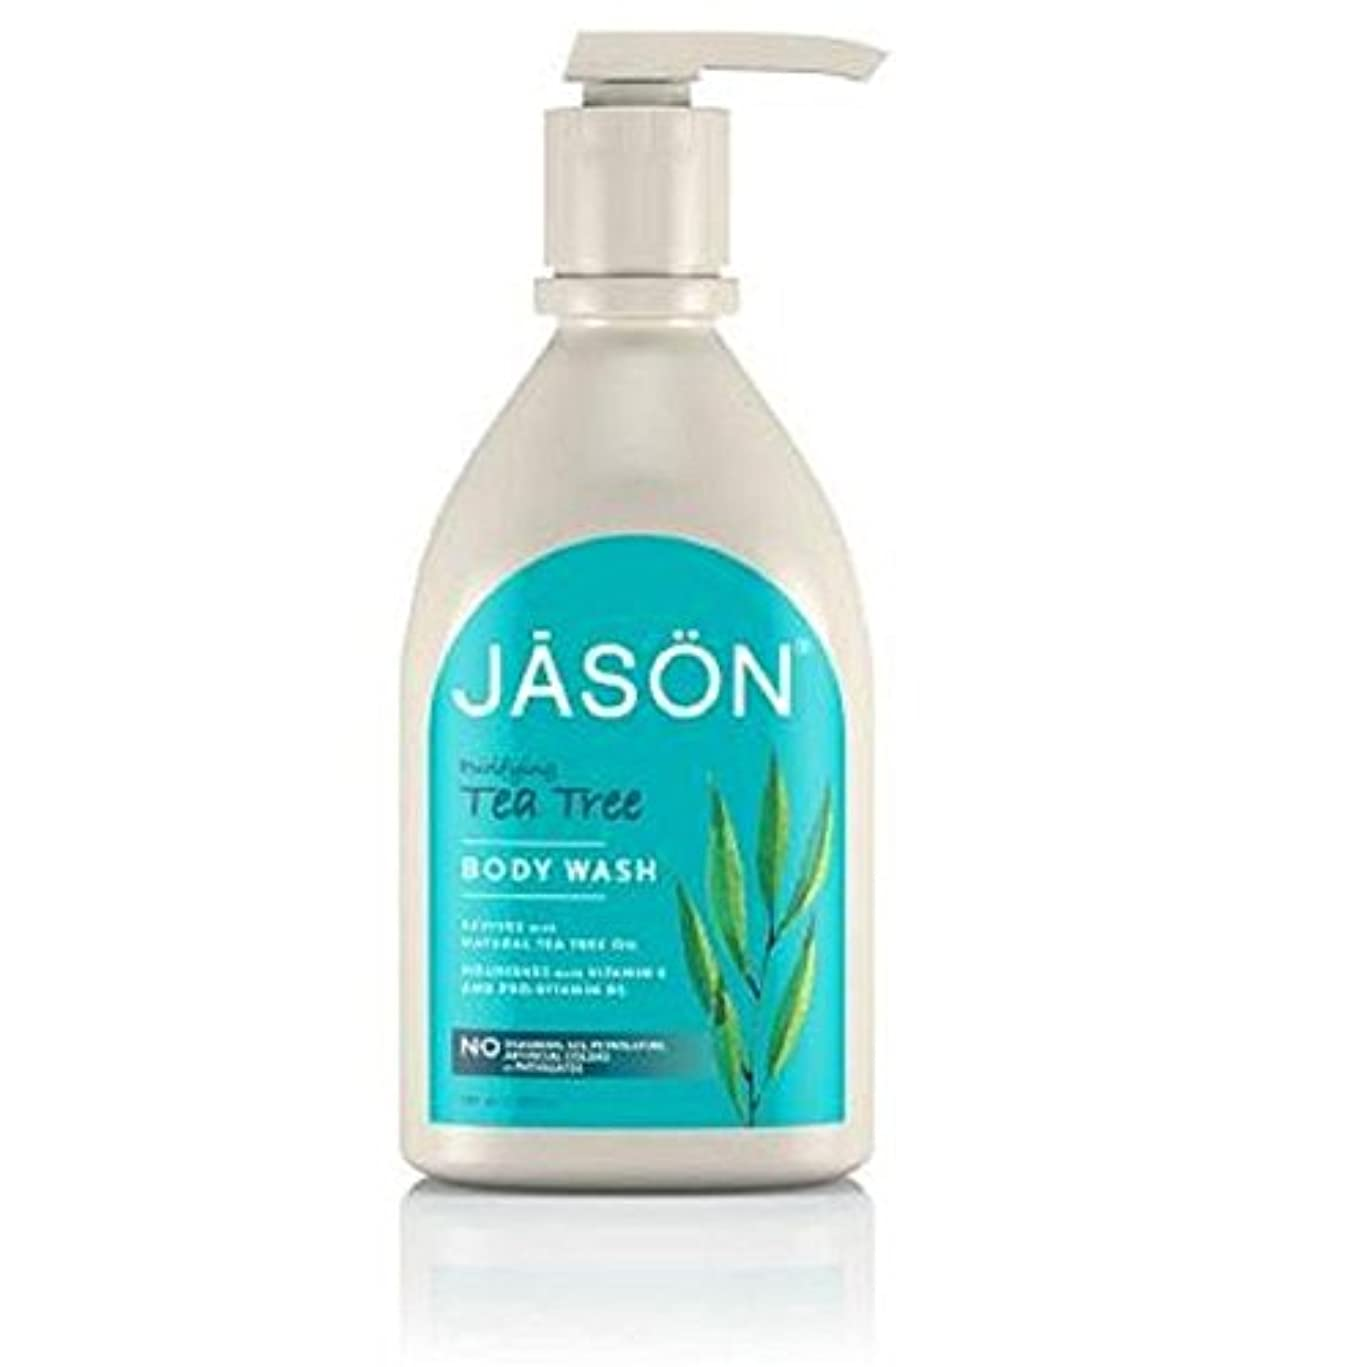 モザイク公爵十二Jason Tea Tree Satin Body Wash Pump 900ml - ジェイソン?ティーツリーサテンボディウォッシュポンプ900ミリリットル [並行輸入品]